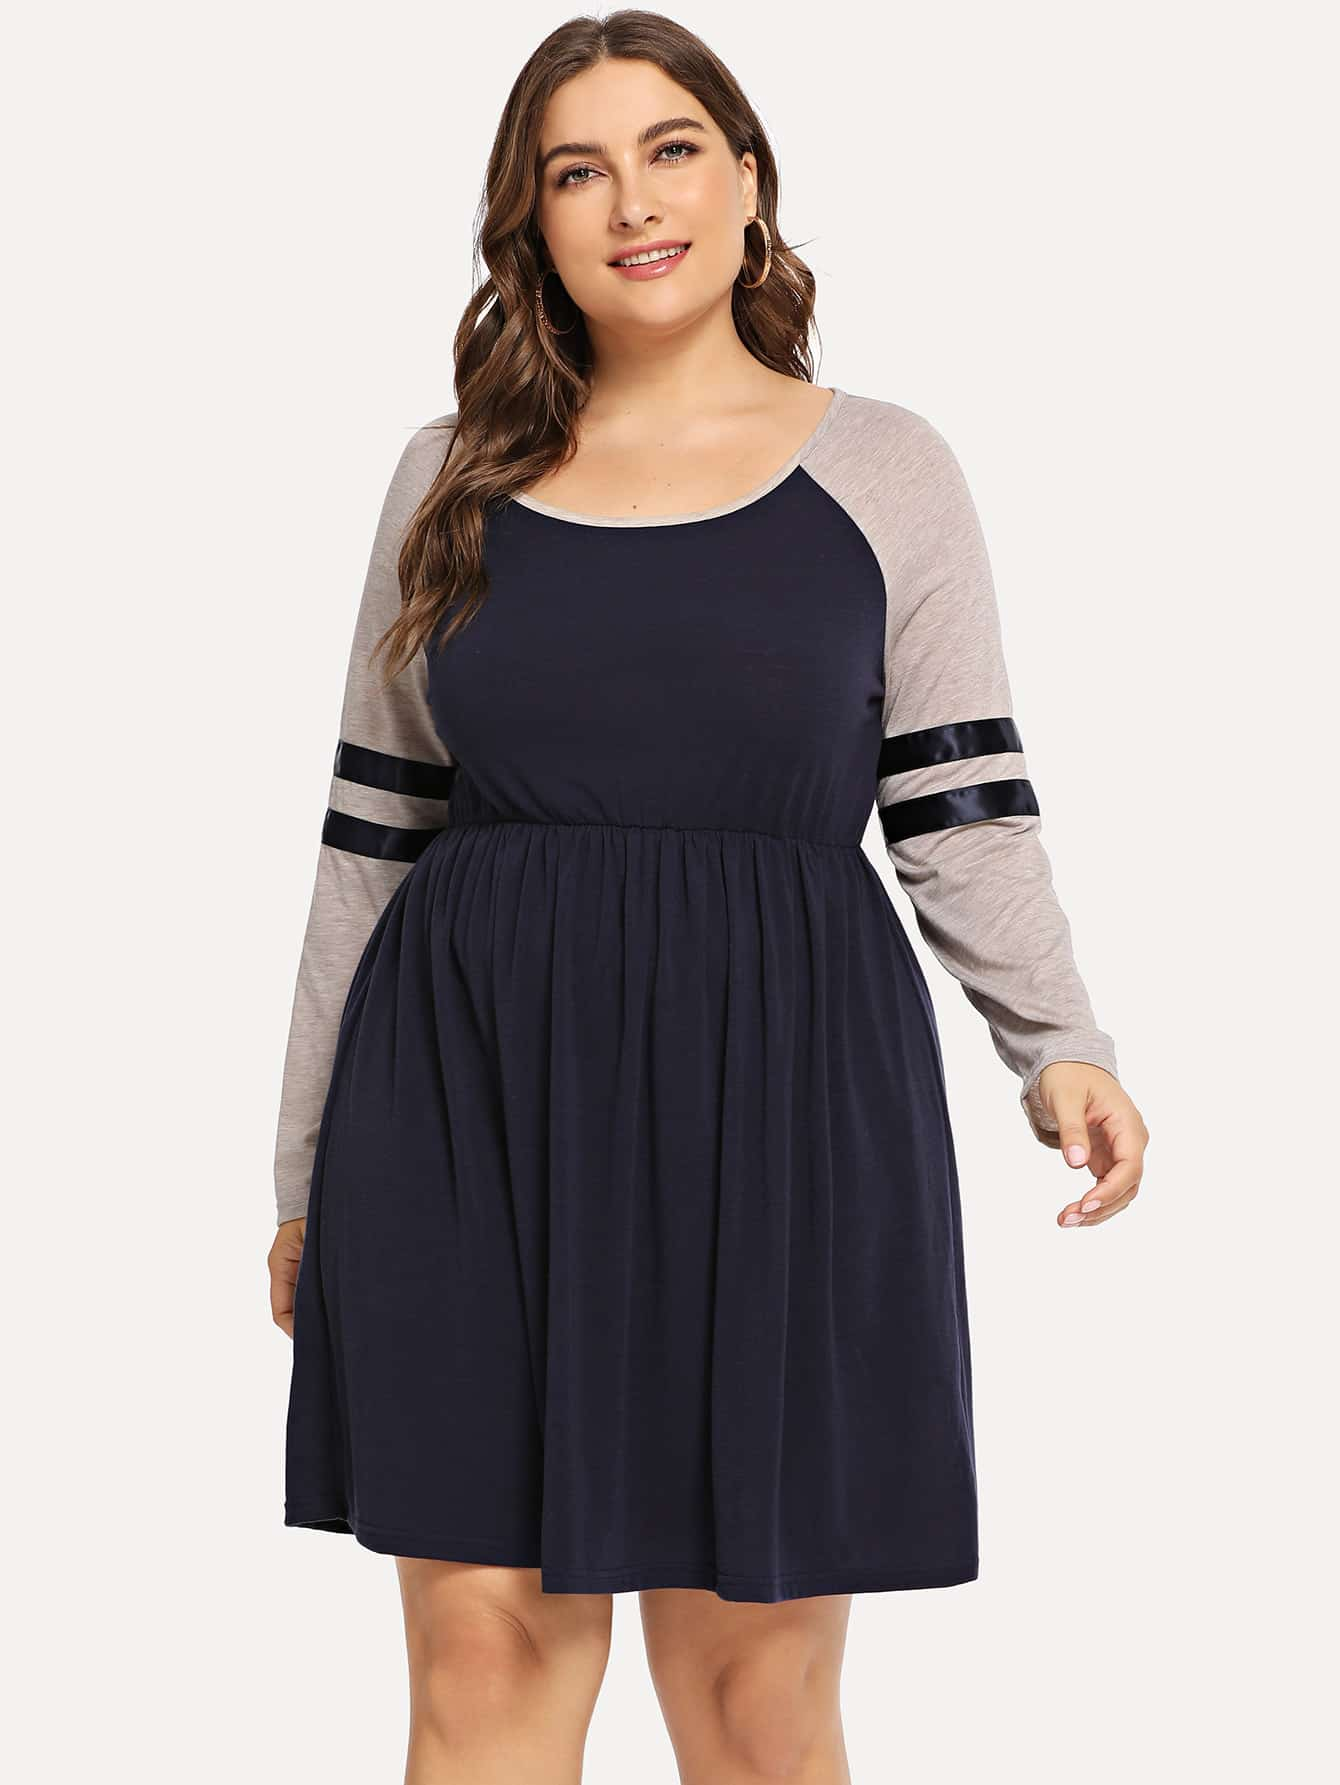 Купить Большая контрстная ночная сорочка со симметрическими полосами, Franziska, SheIn